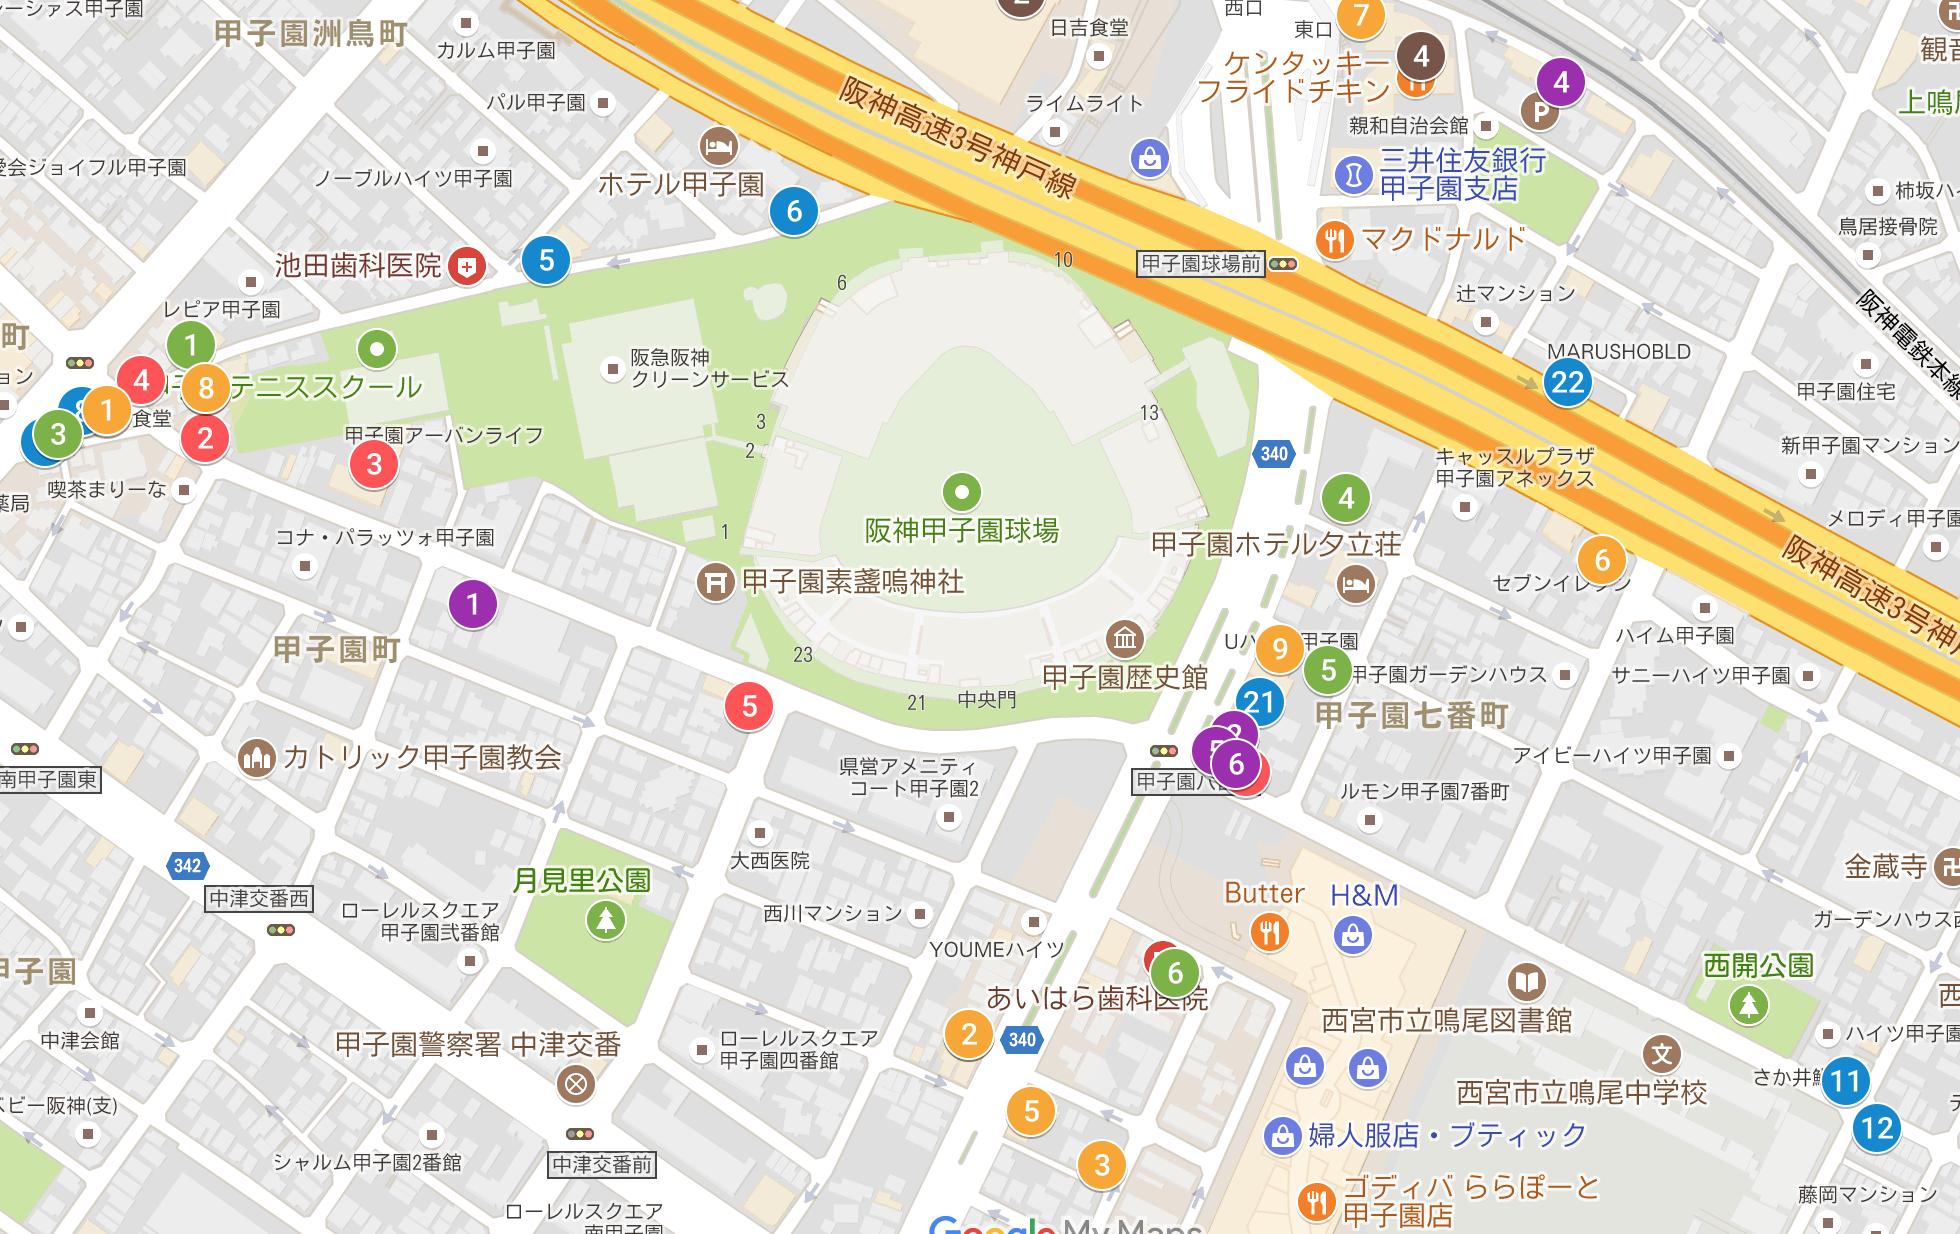 甲子園グルメマップ 甲子園球場周辺のお店